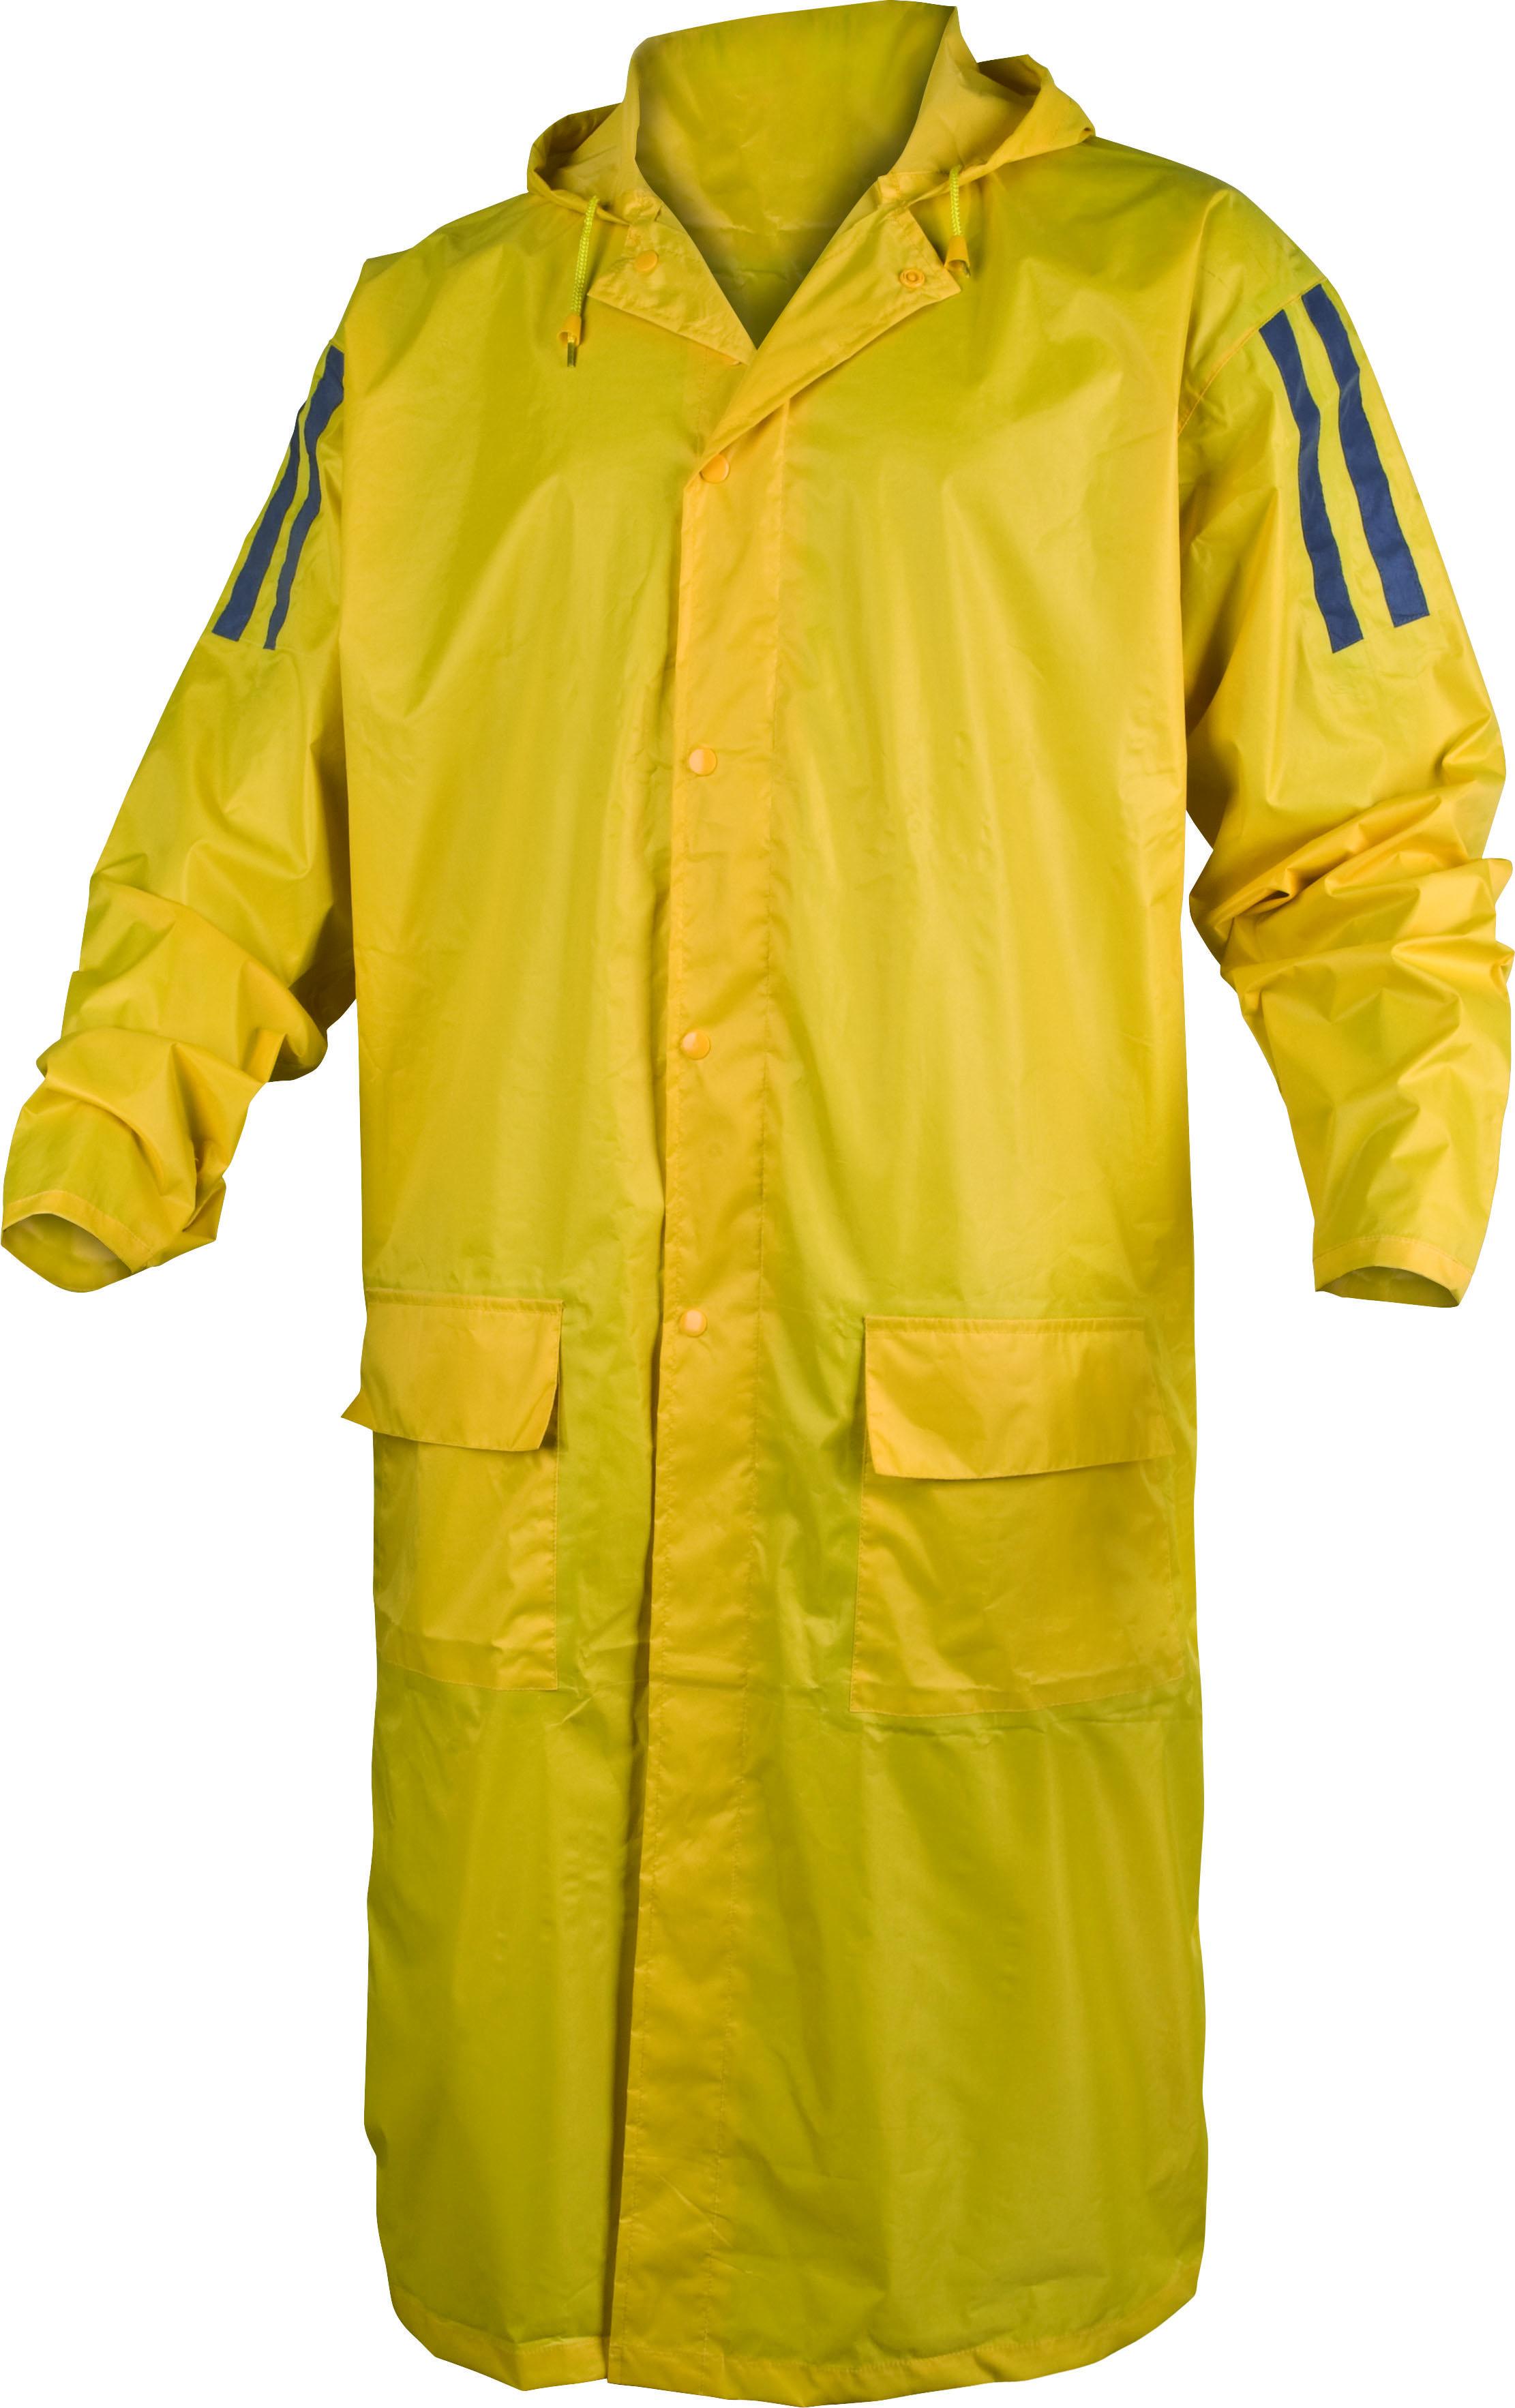 7f21df004477 oblečenie do dažďa - Internetový obchod Michel - ESHOP